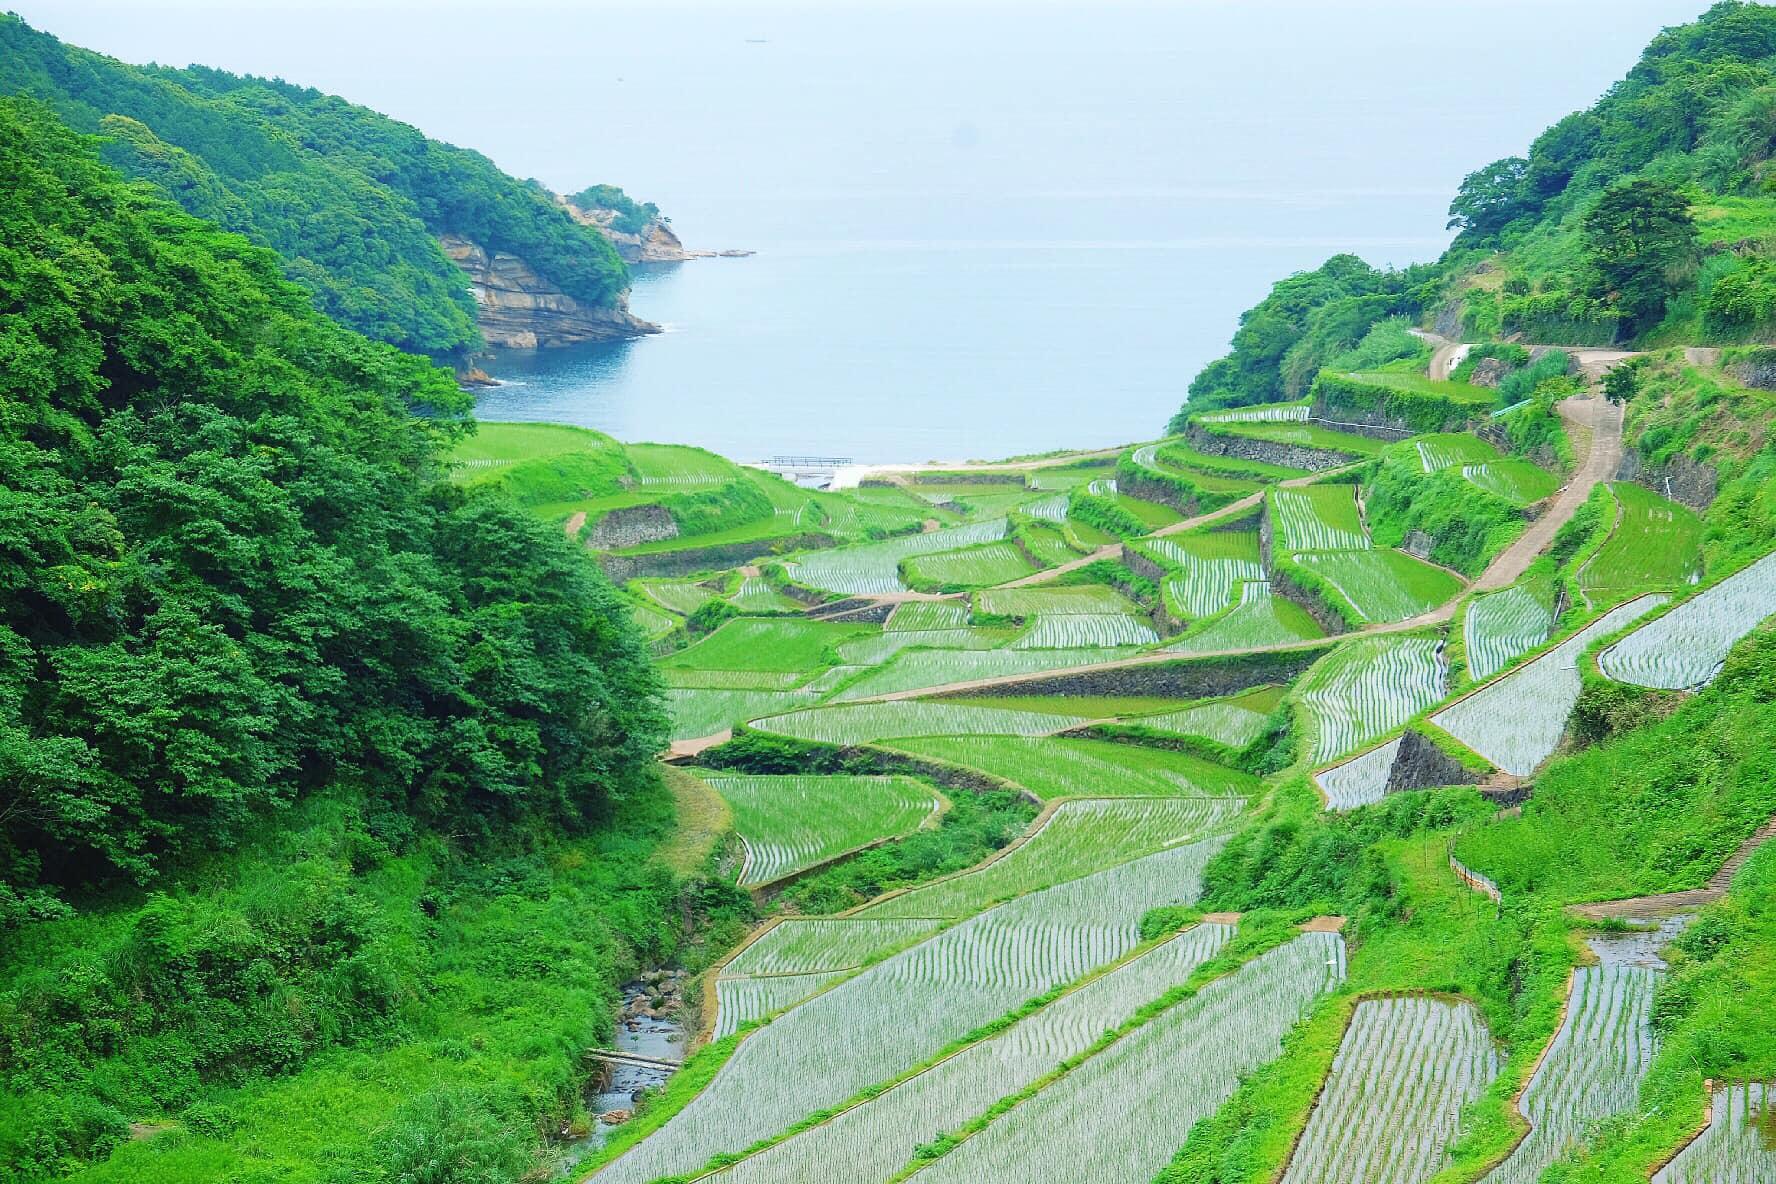 """Chàng trai Việt xin nghỉ việc, dành một tháng """"phượt"""" 10 tỉnh của Nhật Bản - Ảnh 4."""